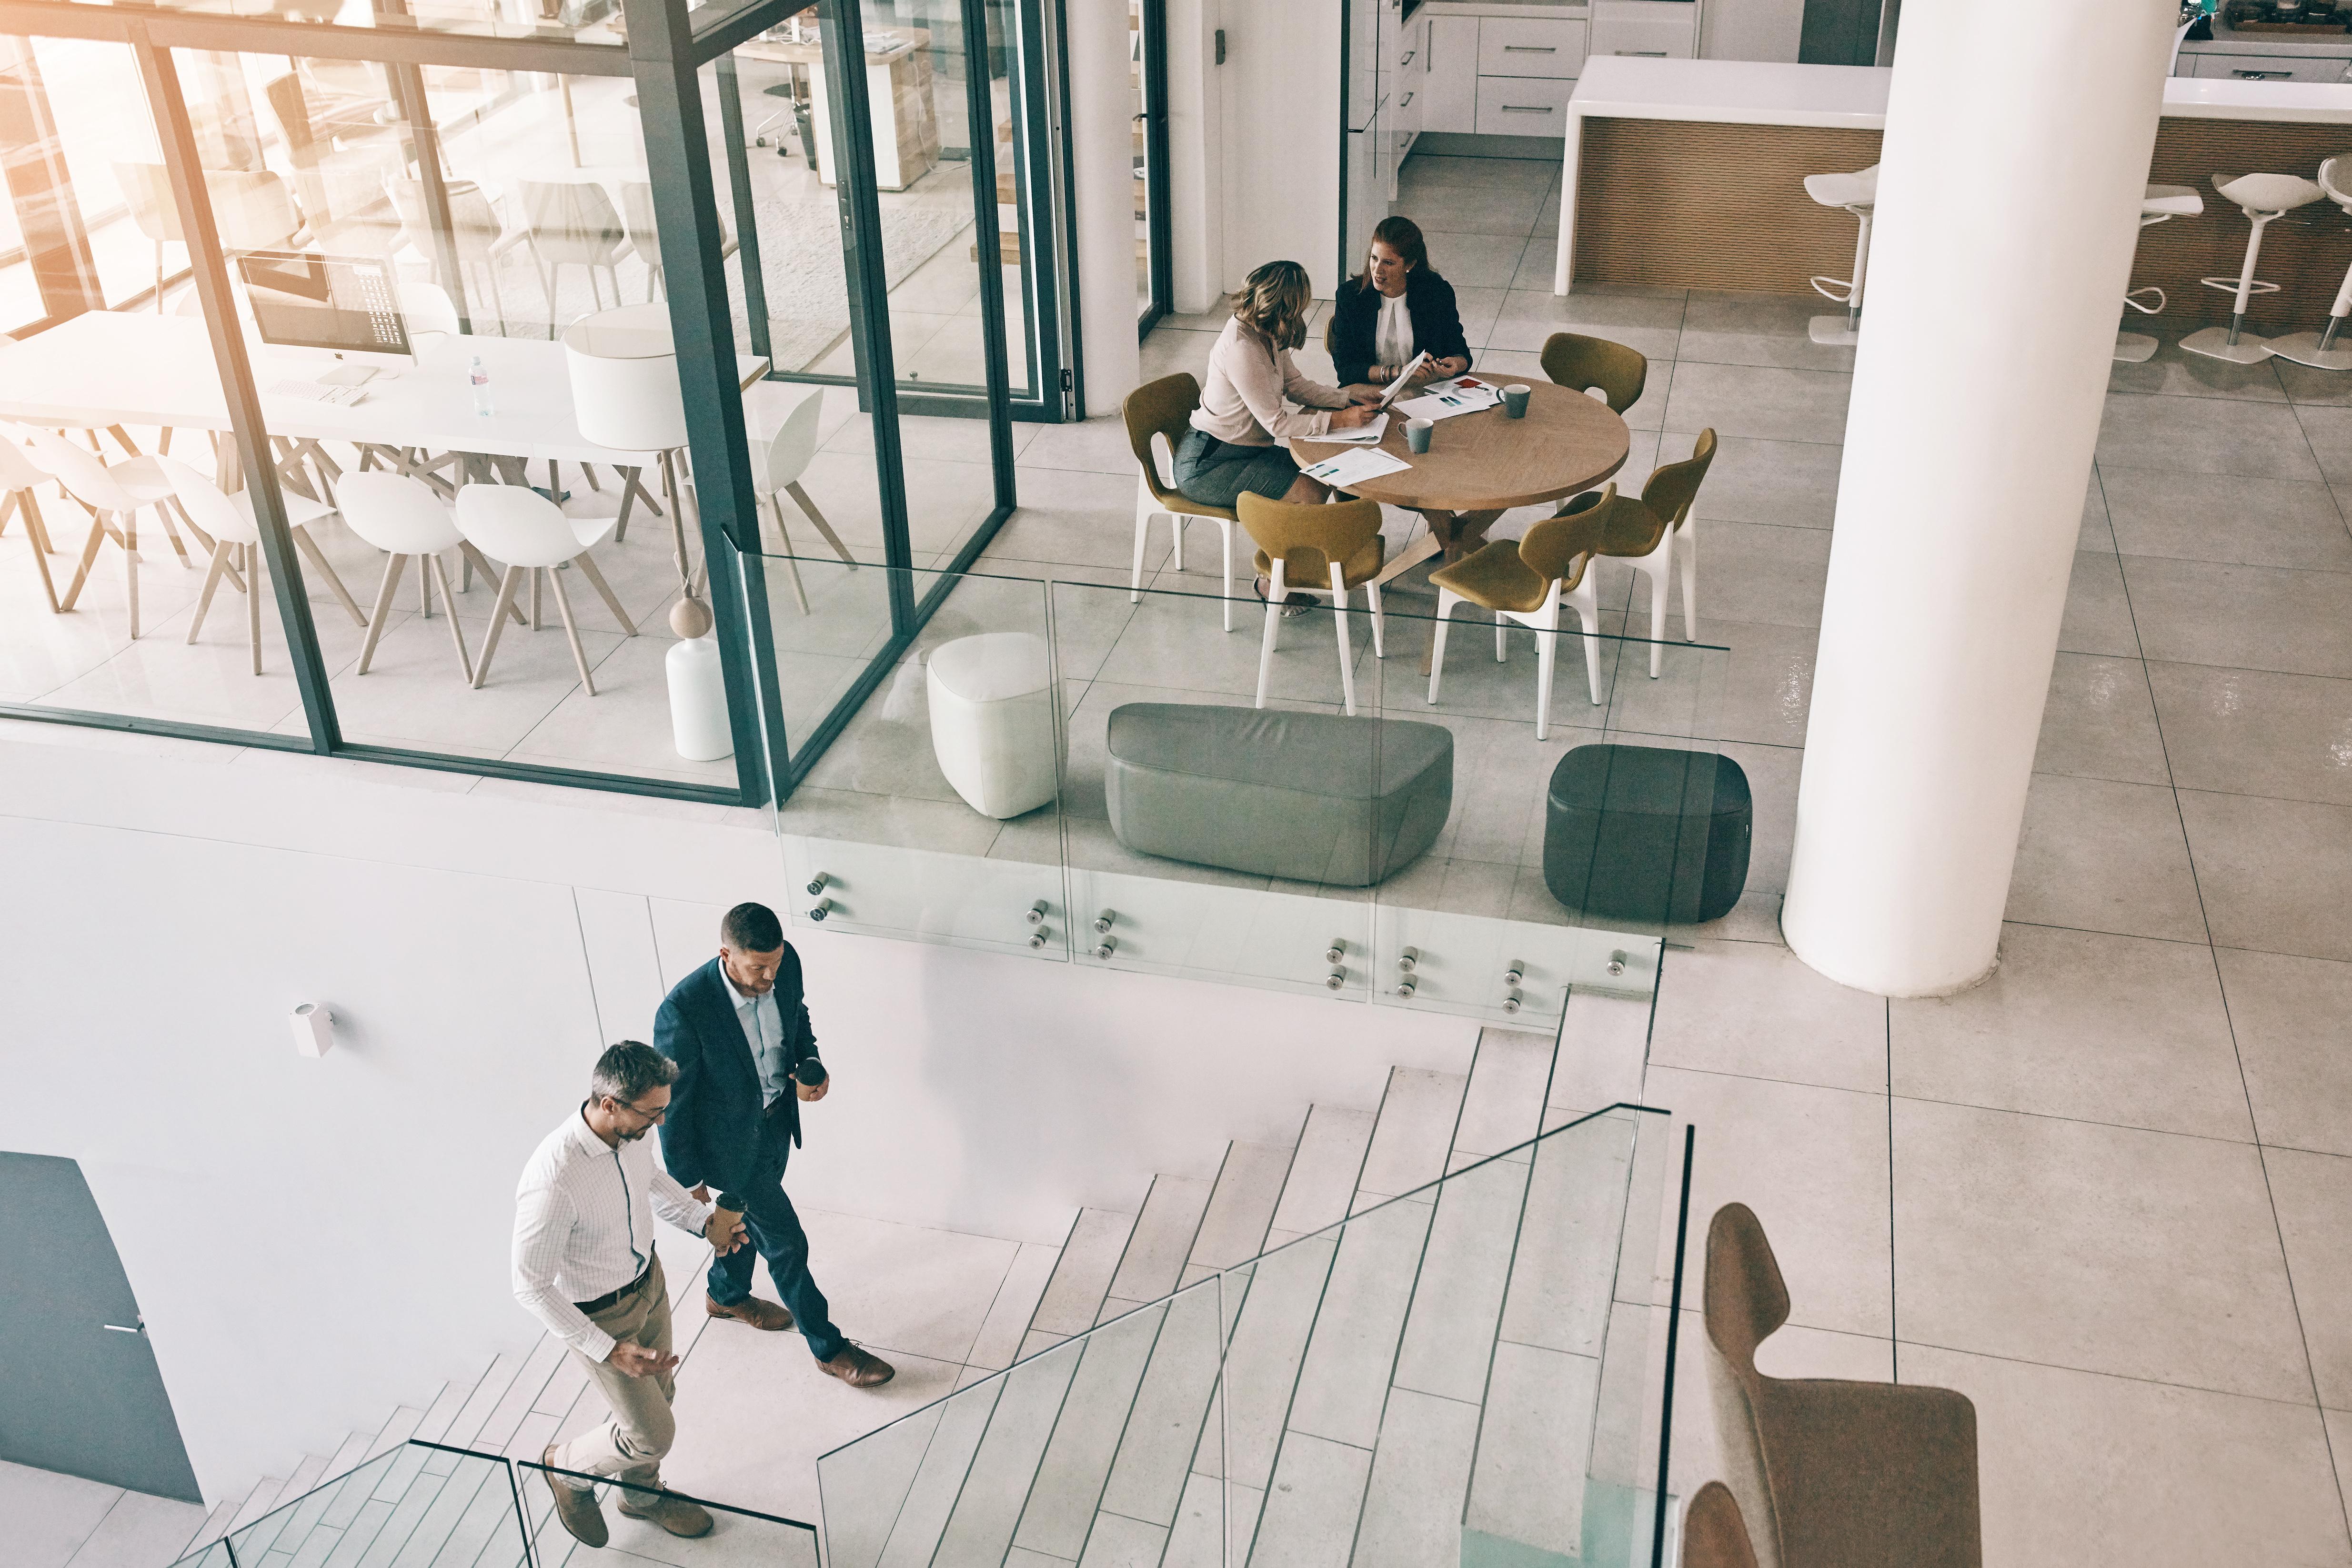 Büros , undefined - Wolfsburg – Büro mieten in der Autostadt - 20